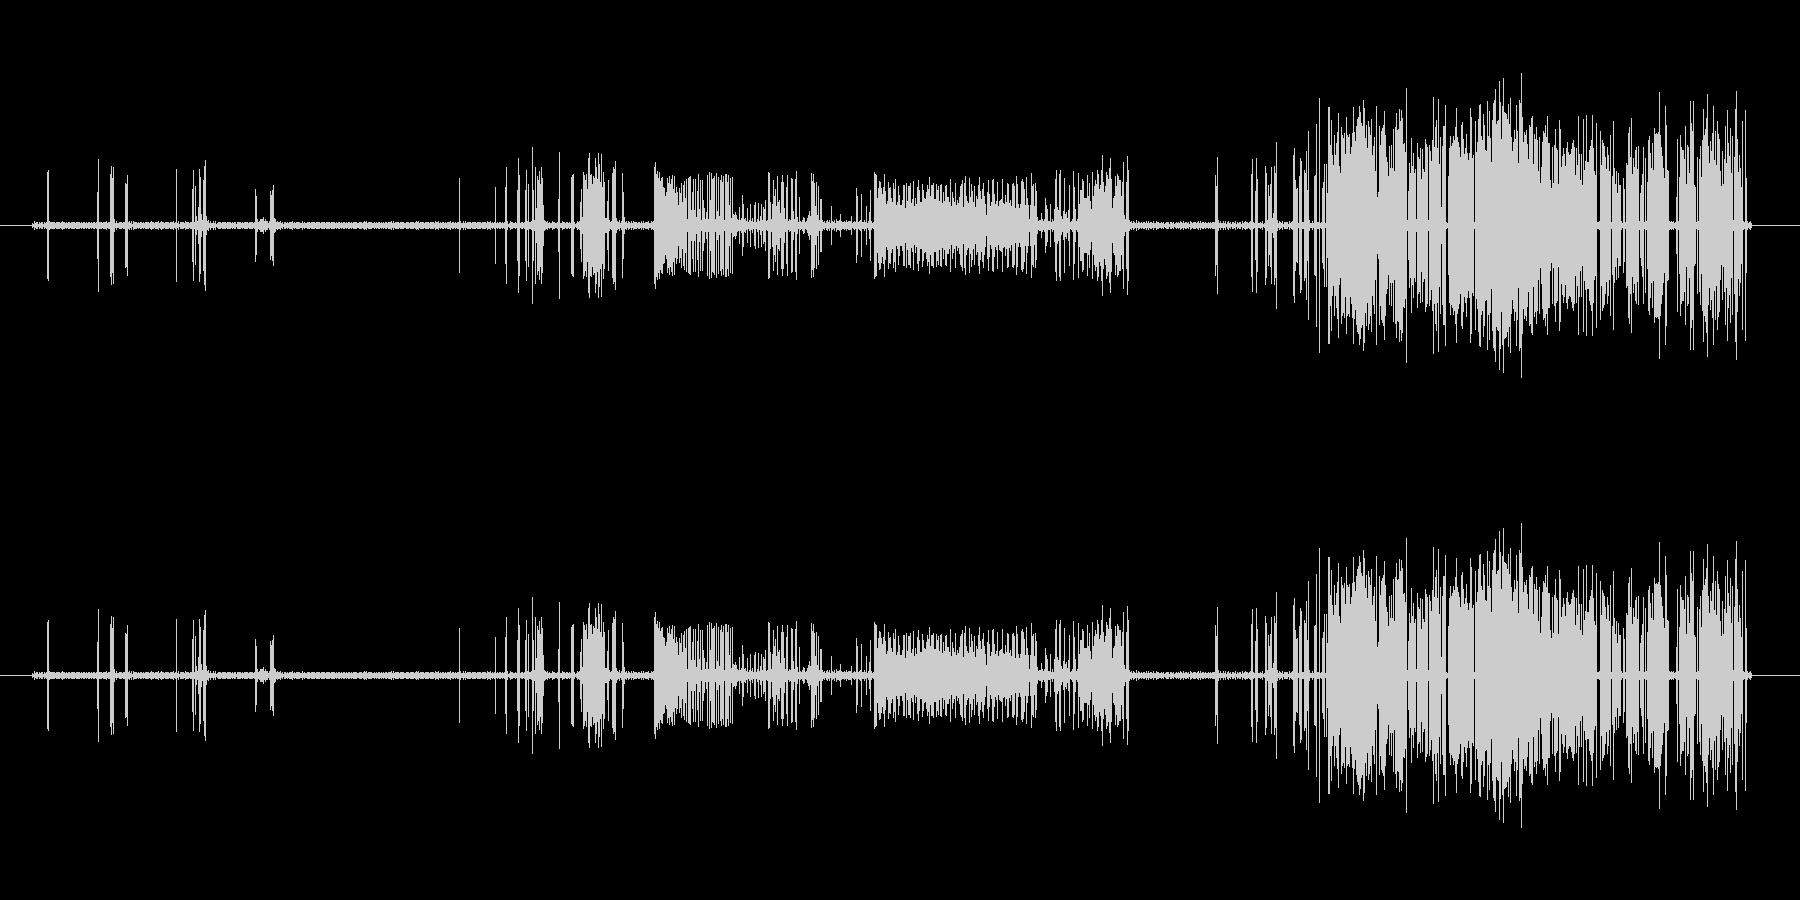 だんだんひどくなるノイズの未再生の波形